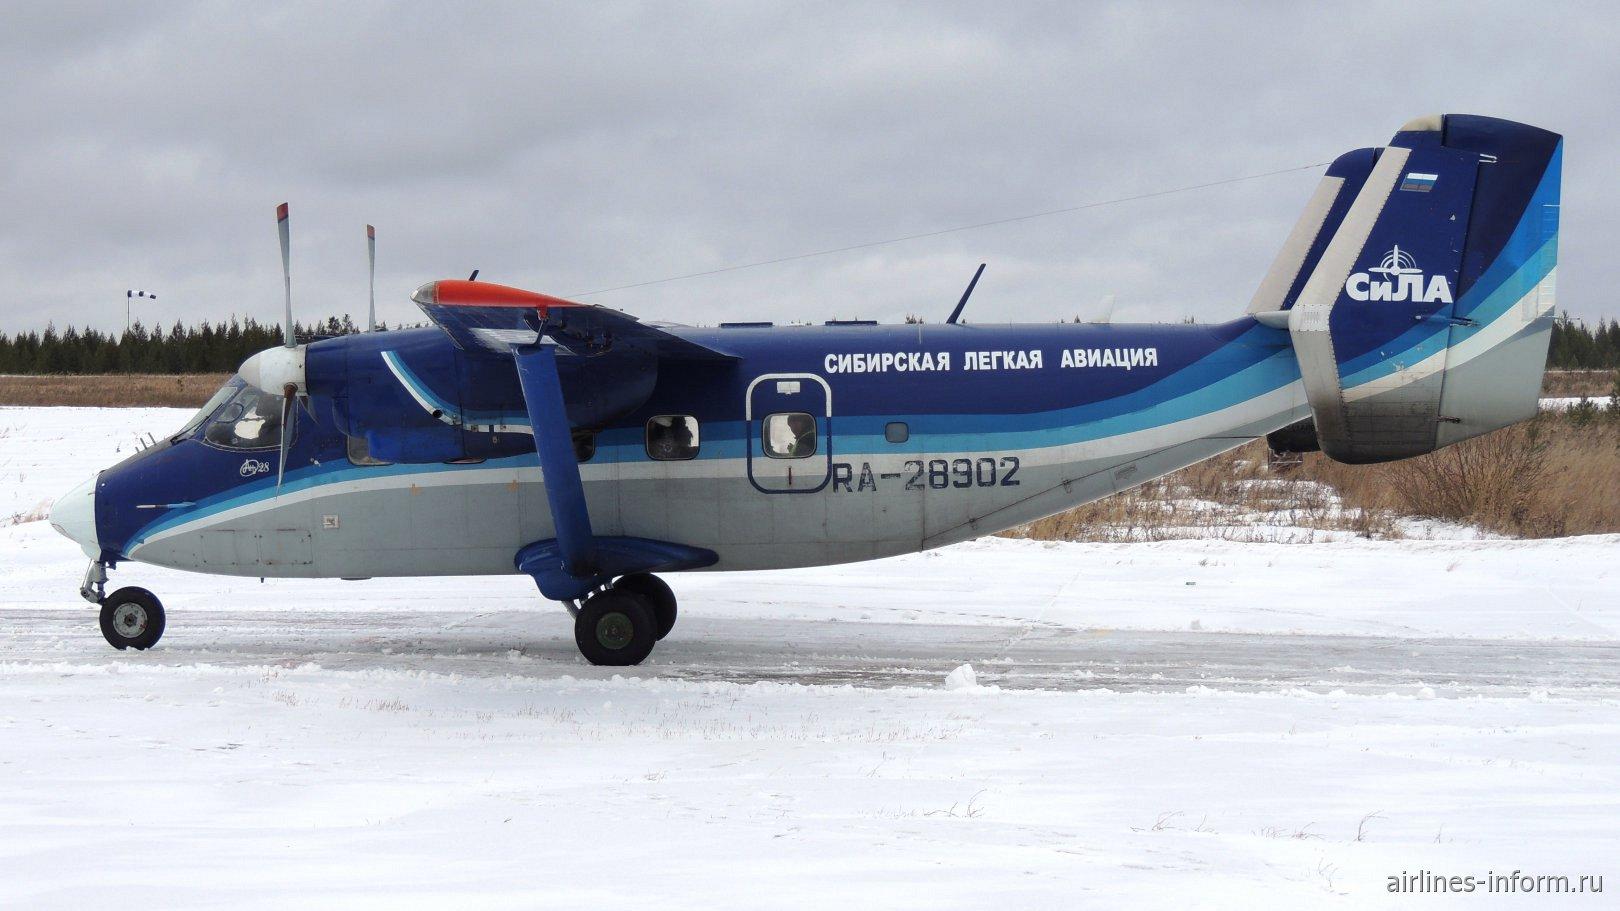 Самолет Ан-28 RA-28902 авиакомпании СиЛА в аэропорту Усть-Илимска